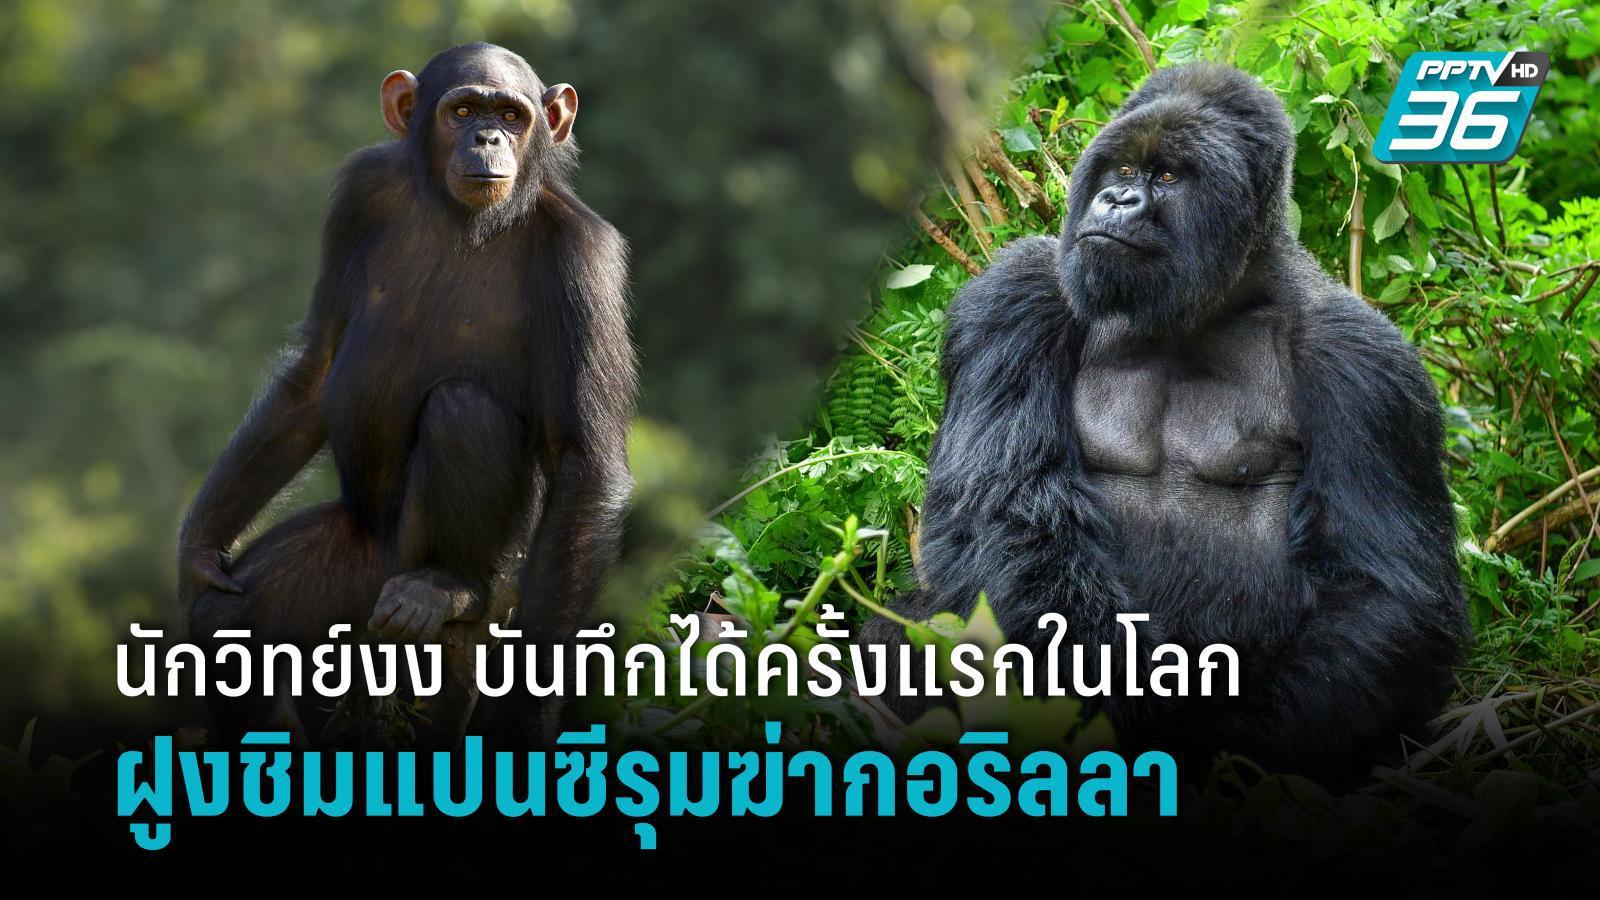 นักวิทย์งง บันทึกได้ครั้งแรกในโลก ฝูงชิมแปนซีรุมฆ่ากอริลลา